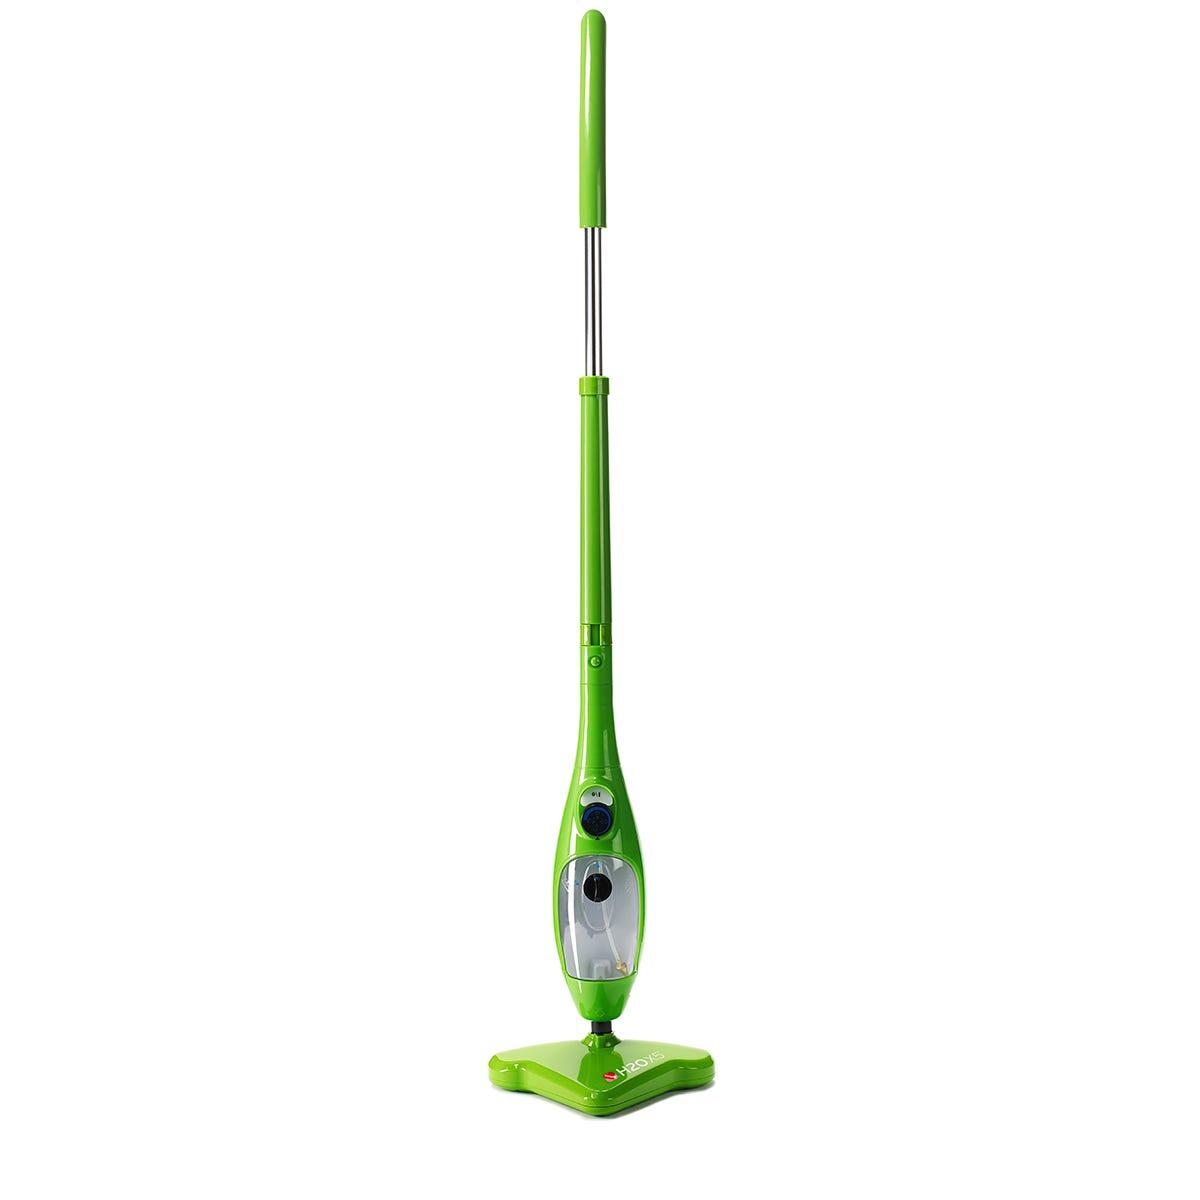 Sistema de limpieza As Seen On TV® H2O X5 Lite a vapor